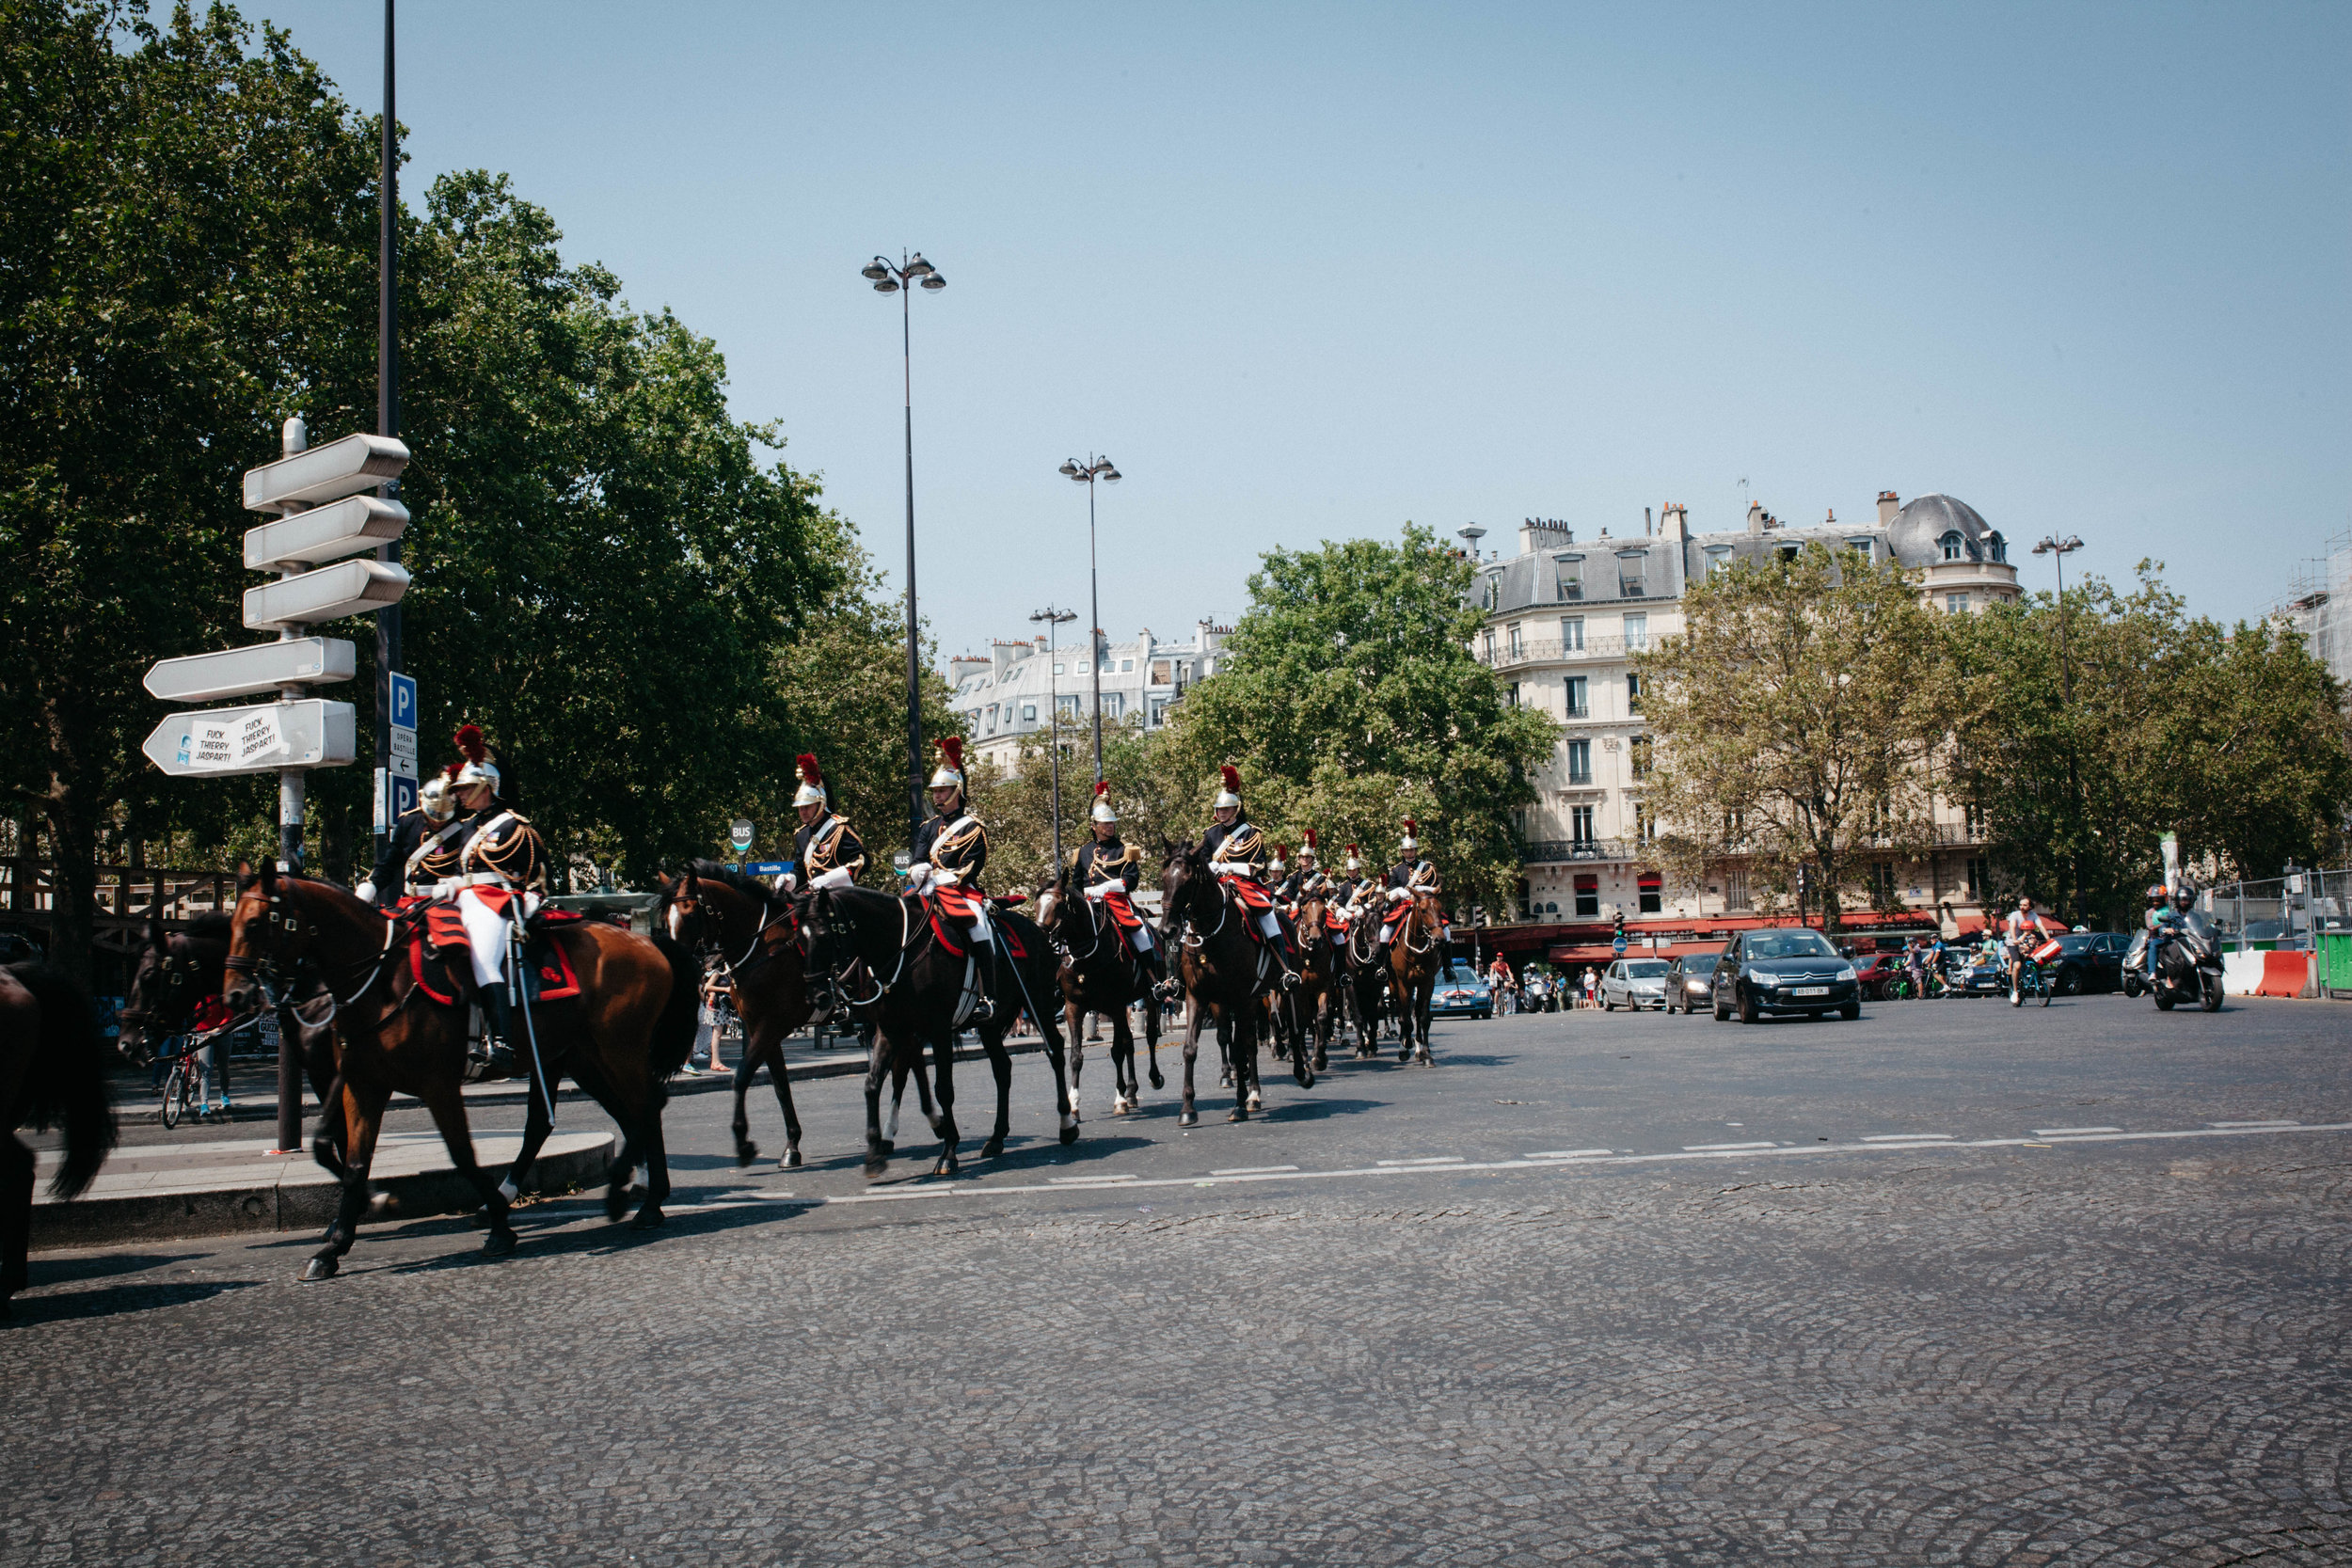 There was a parade that went through Place de la Bastille